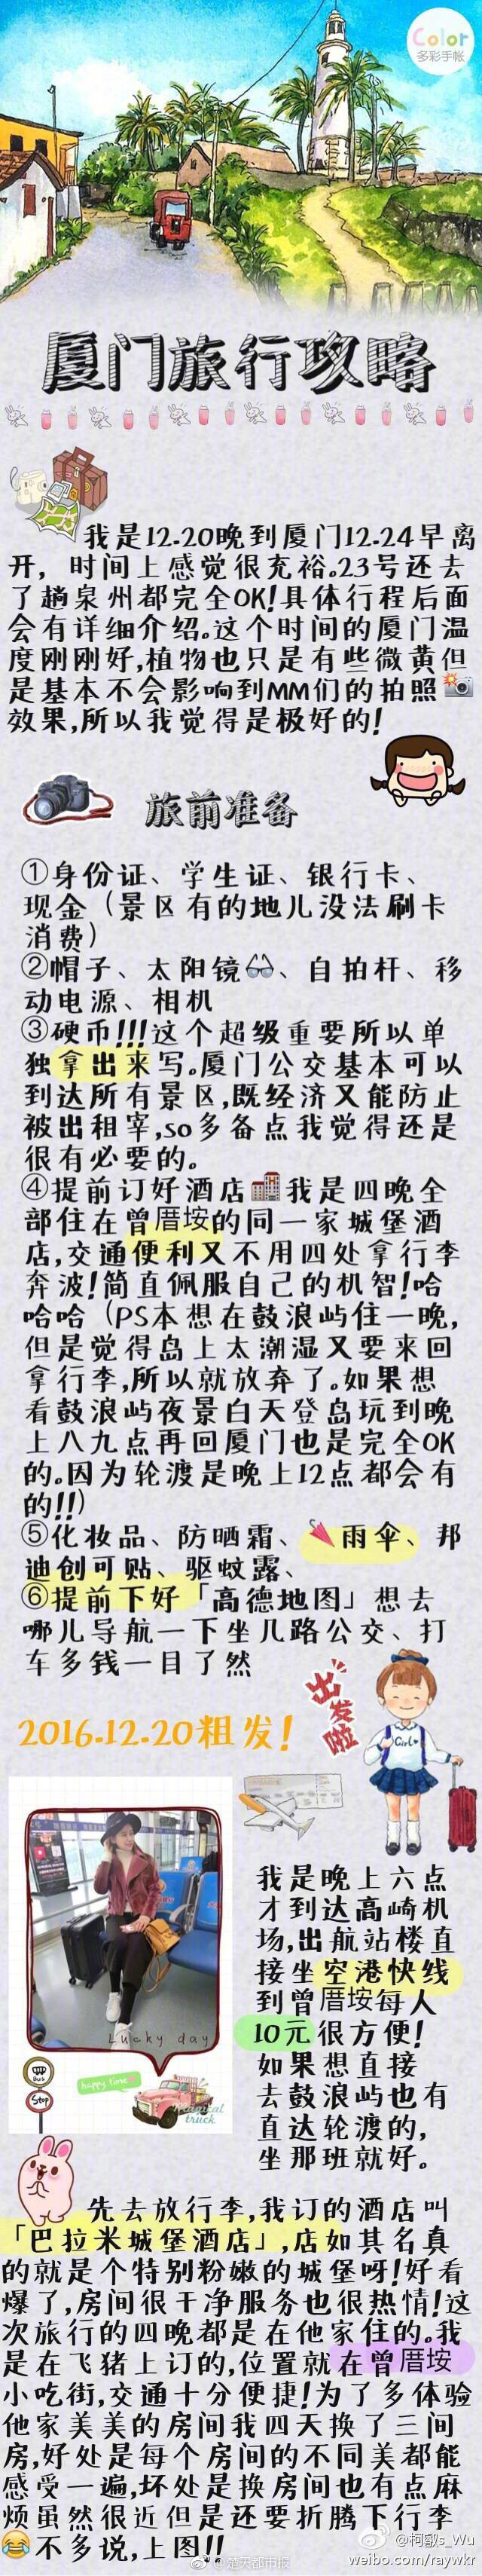 寻秦记剧情介绍